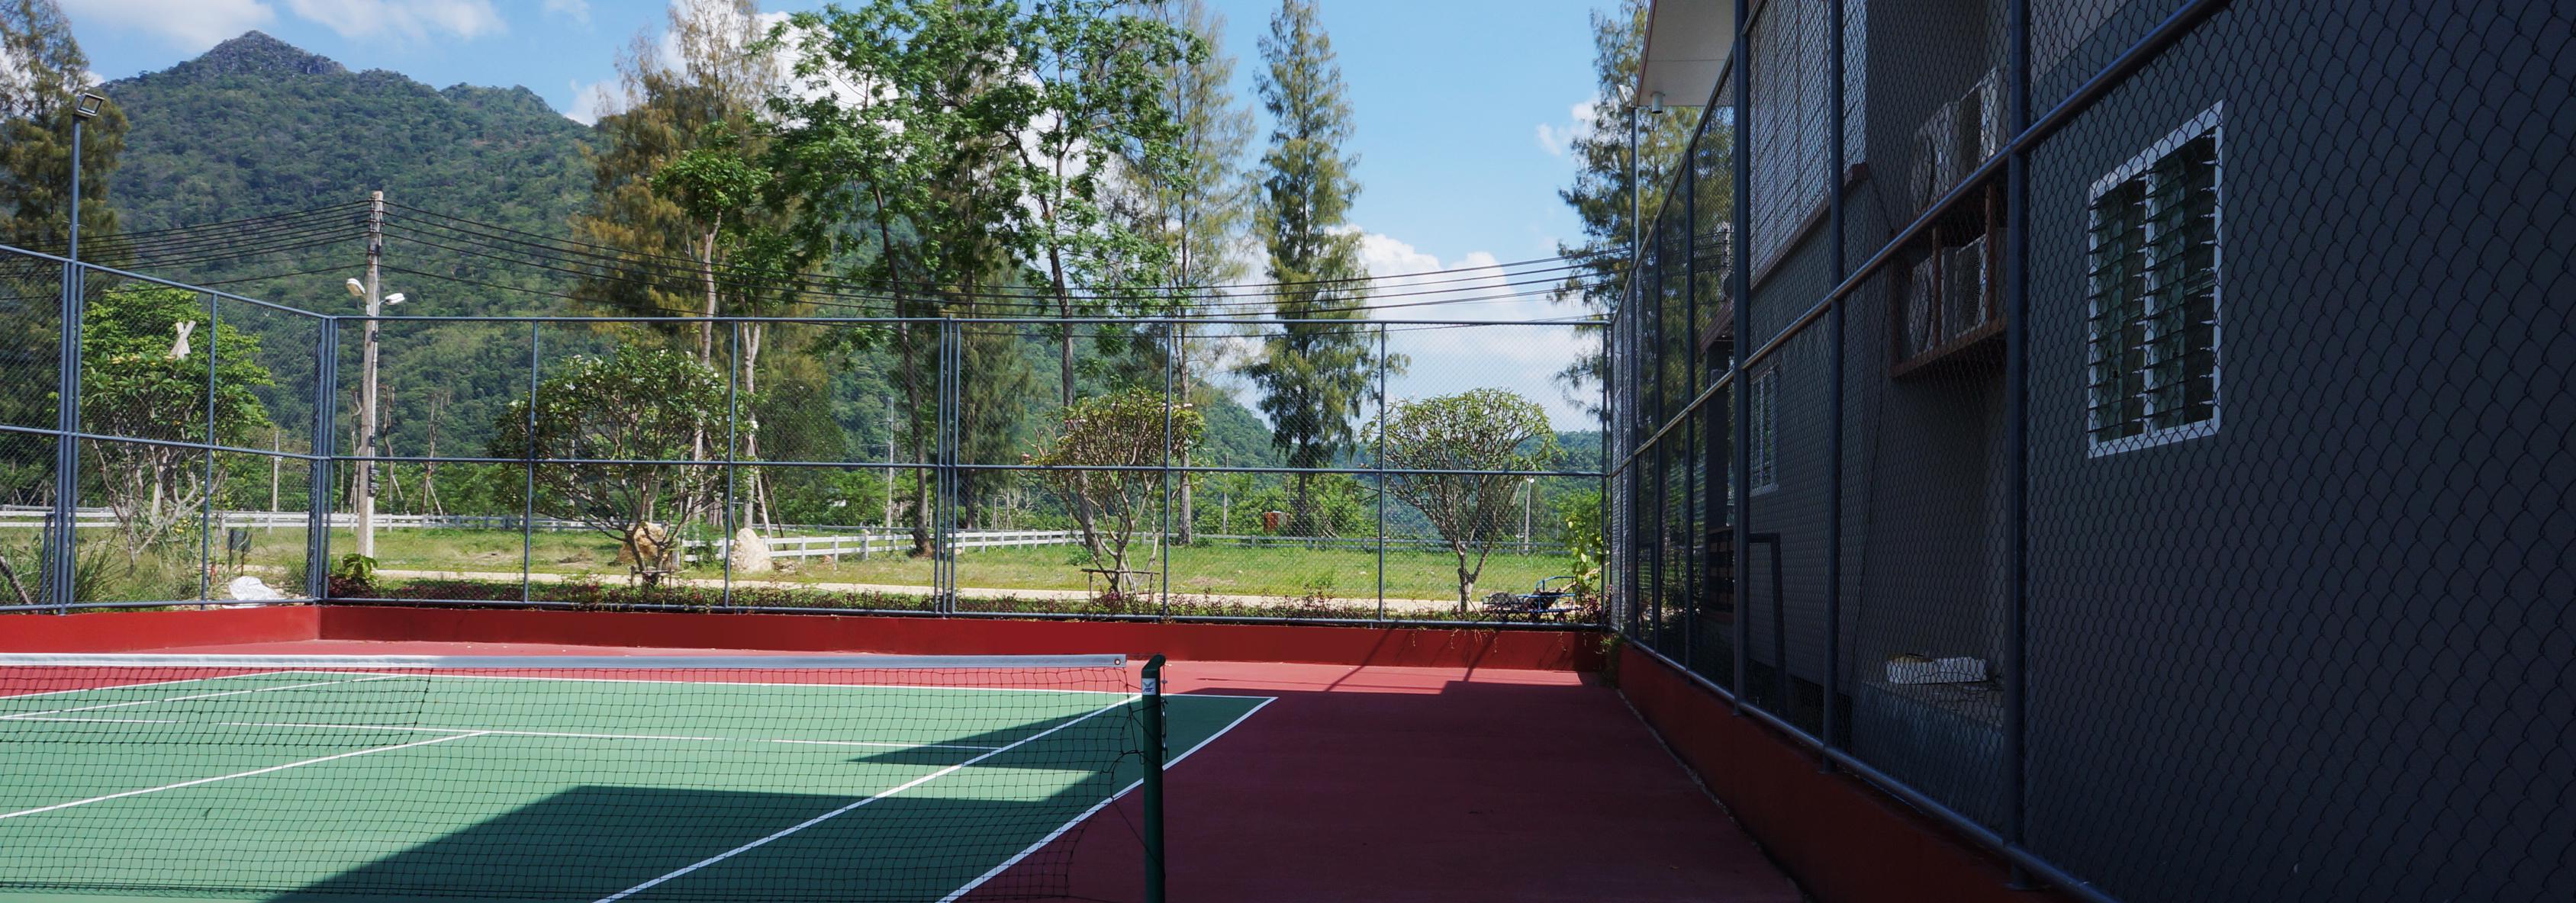 สนามเทนนิสมาตรฐานพร้อมไฟกลางคืน